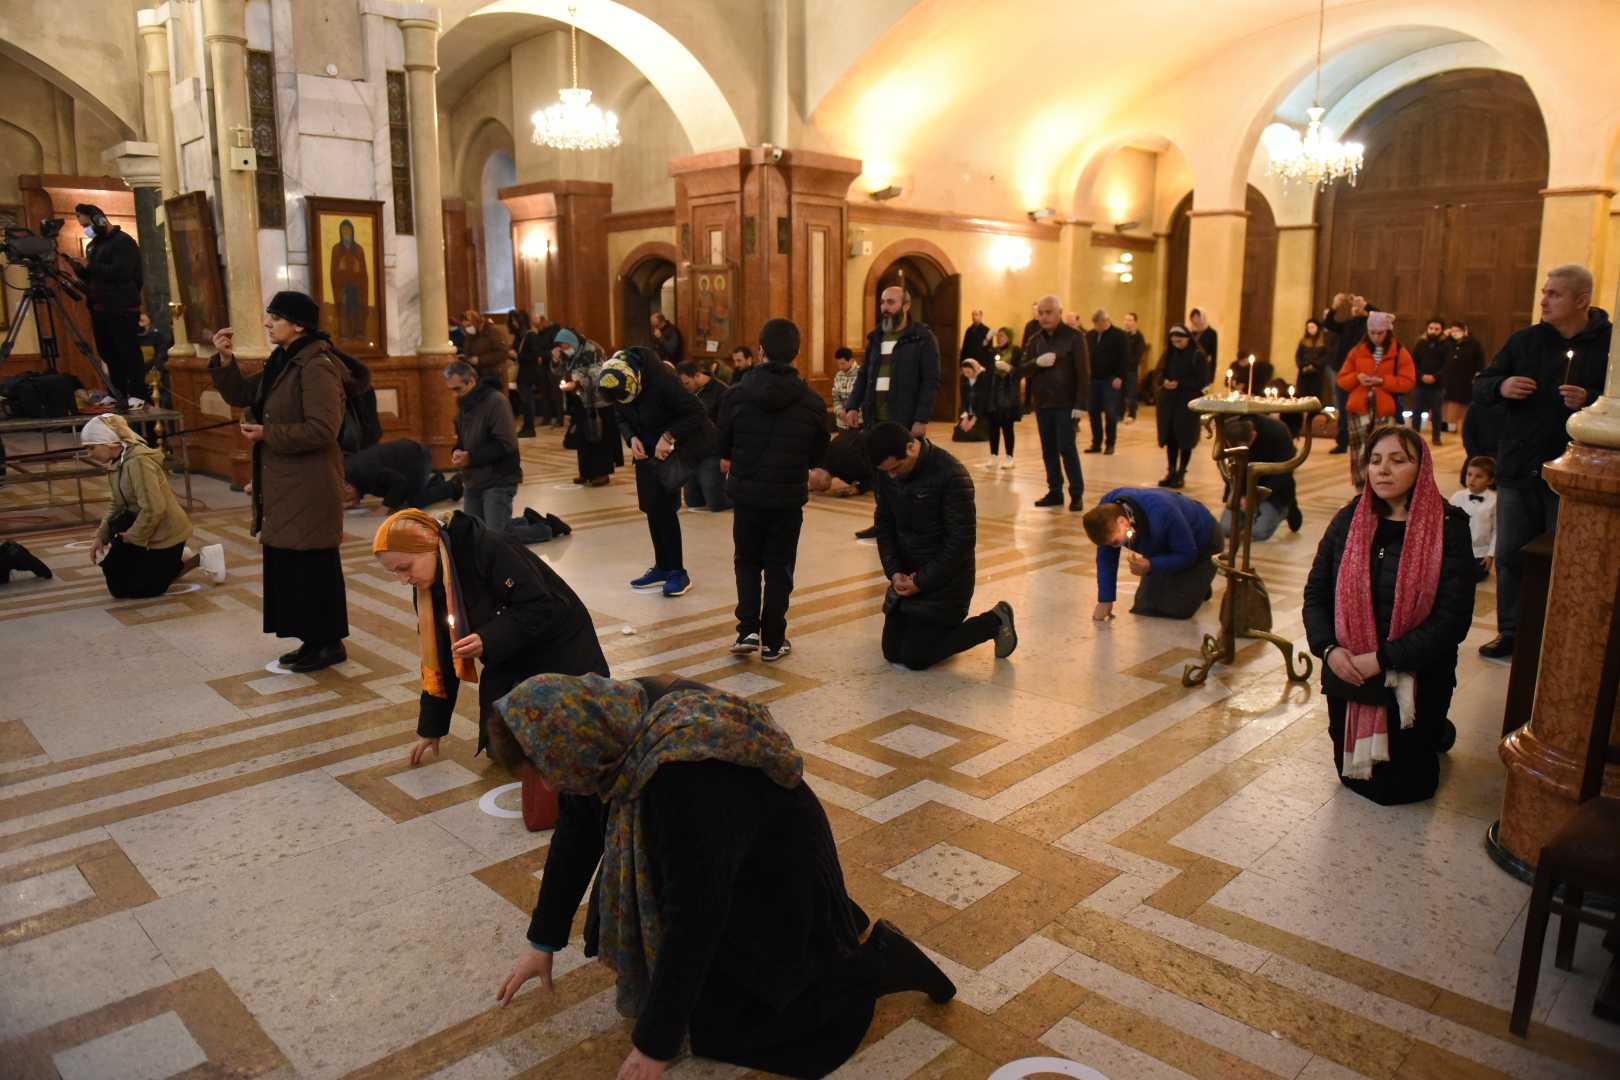 Меры по «социальному дистанцированию» во время причастия 29 марта в Троицком соборе в Тбилиси. Фото: Мариам Никурадзе / OC Media.